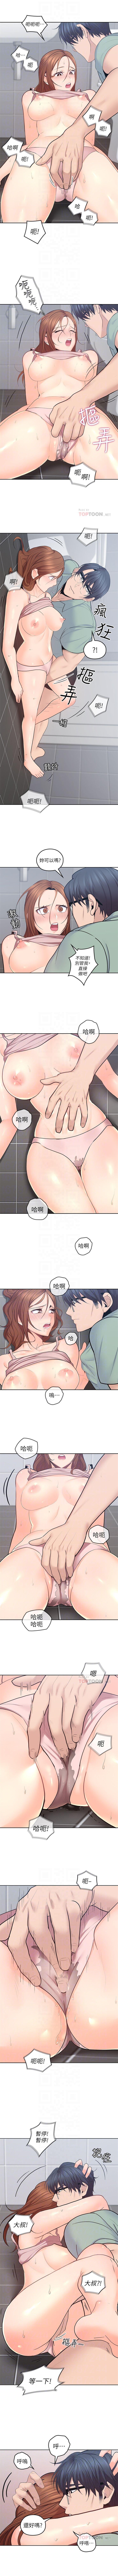 (週4)親愛的大叔 1-33 中文翻譯(更新中) 135